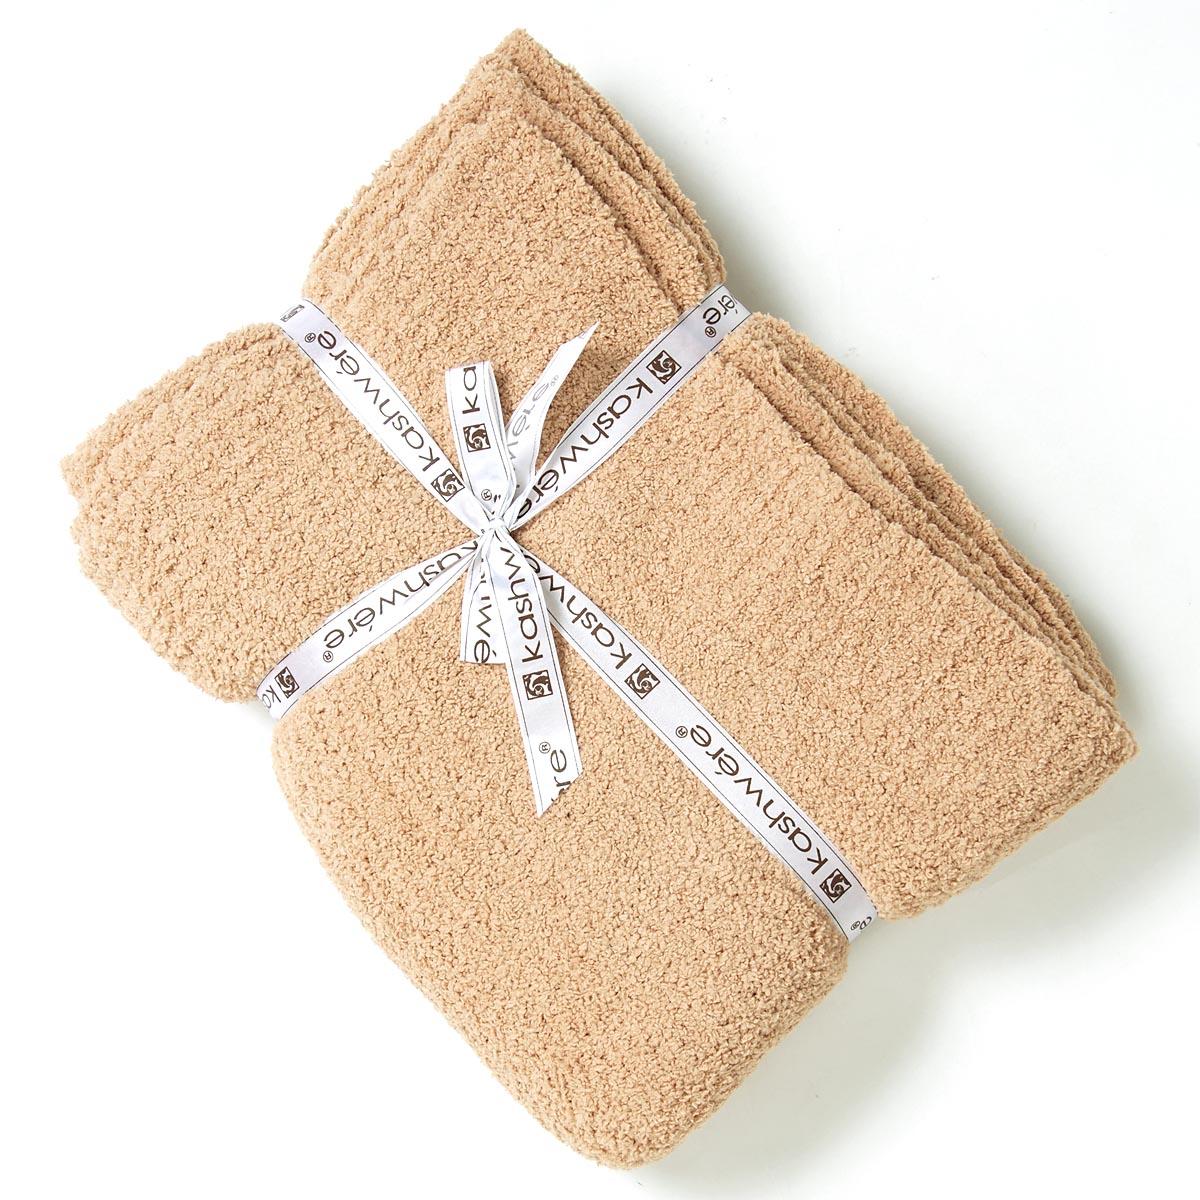 カシウエア Kashwere ブランケット ブラウン ギフト プレゼント 結婚祝い 新築祝い t 30 03 52【ラッピング無料】【返品送料無料】【あす楽対応_関東】【dl】brand